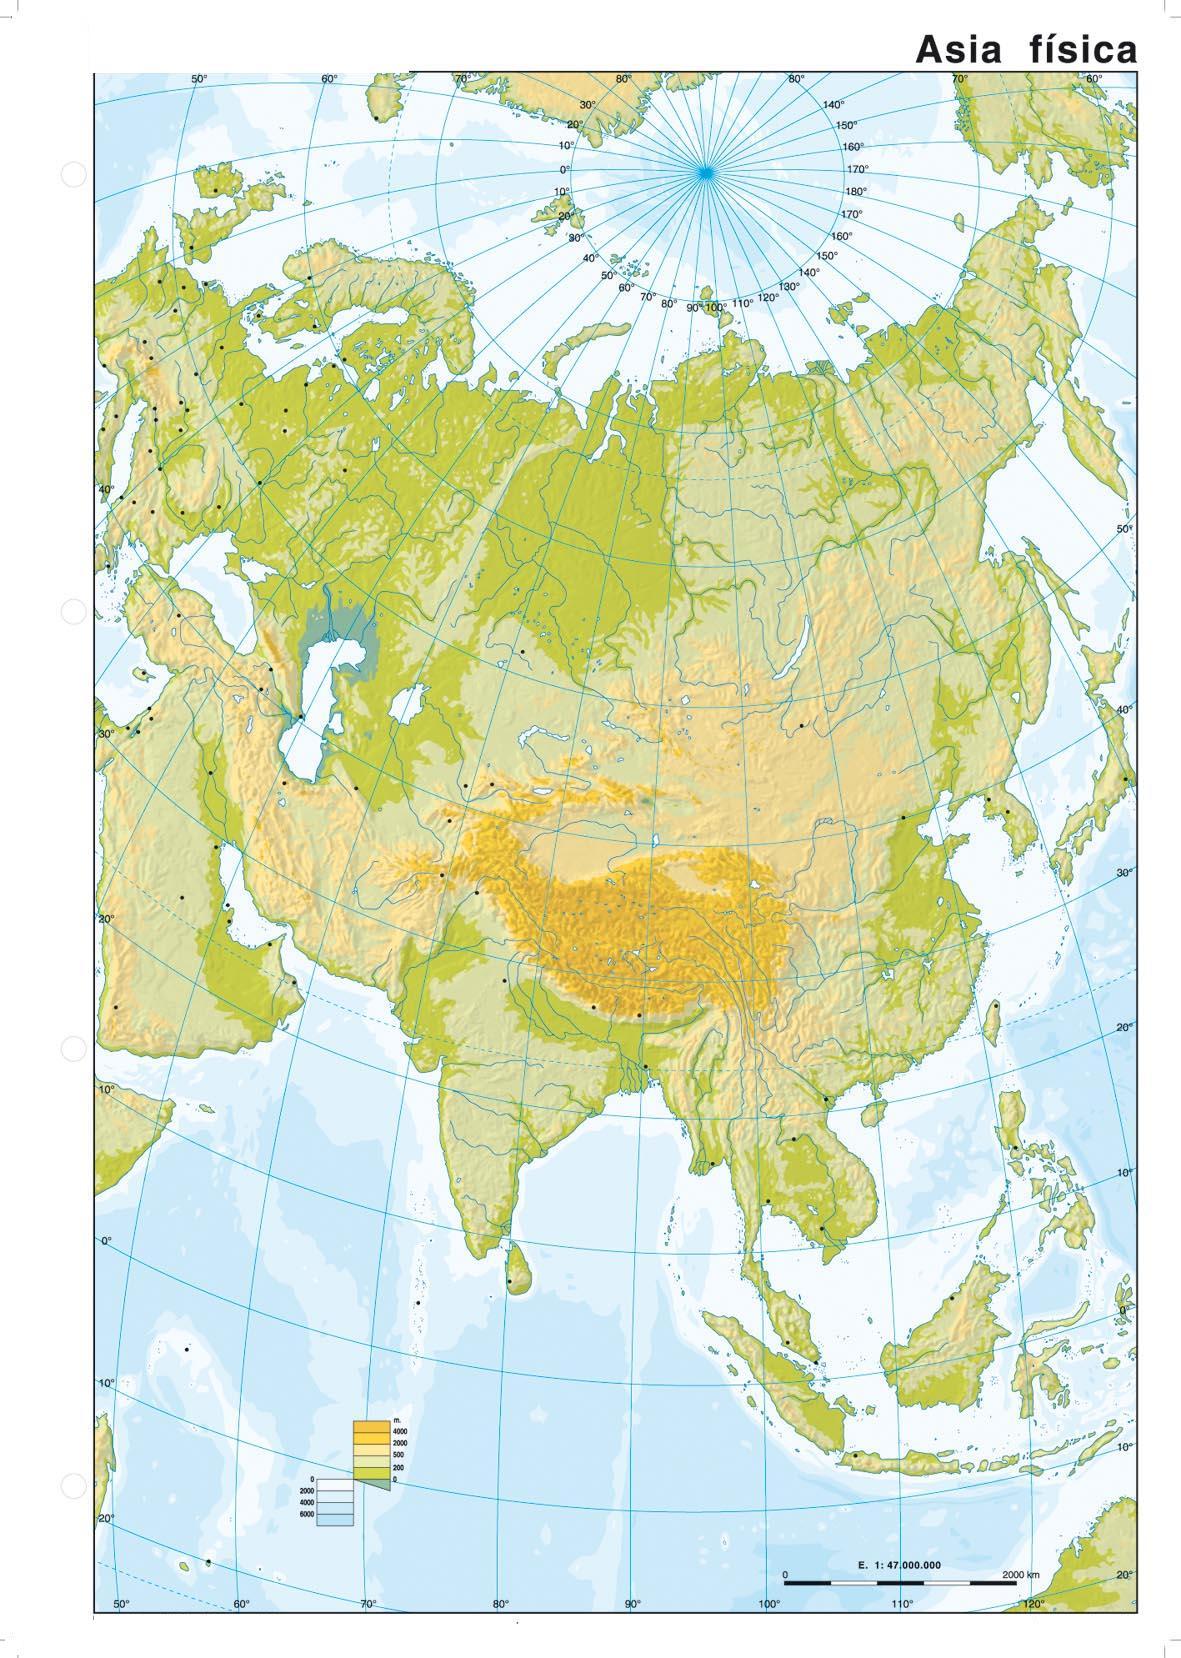 Montes Altai Mapa Fisico.Montes Urales Meseta De Iran Montes Altai Montes Kuen